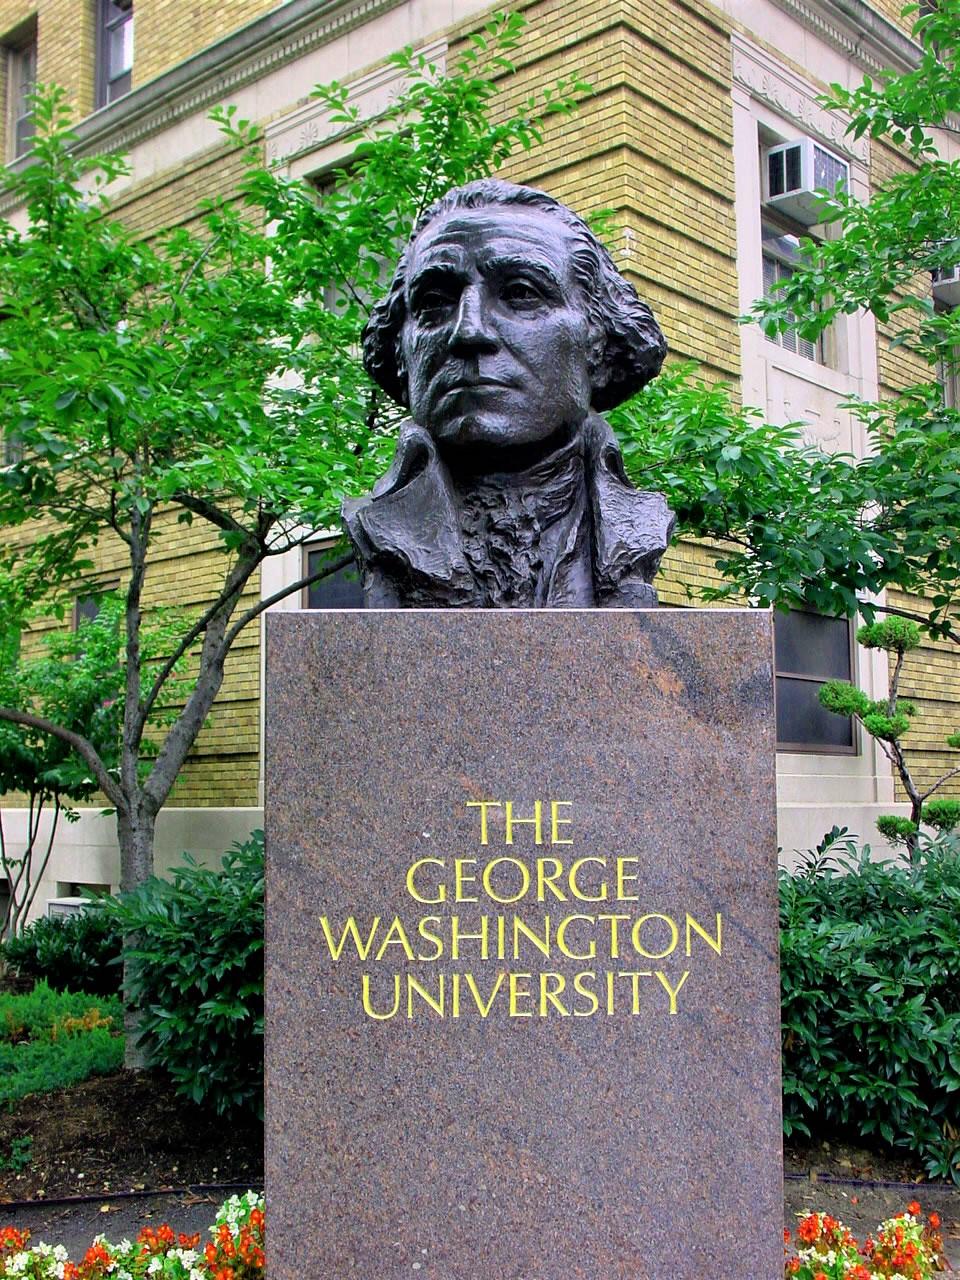 Obama Care hits George Washington University